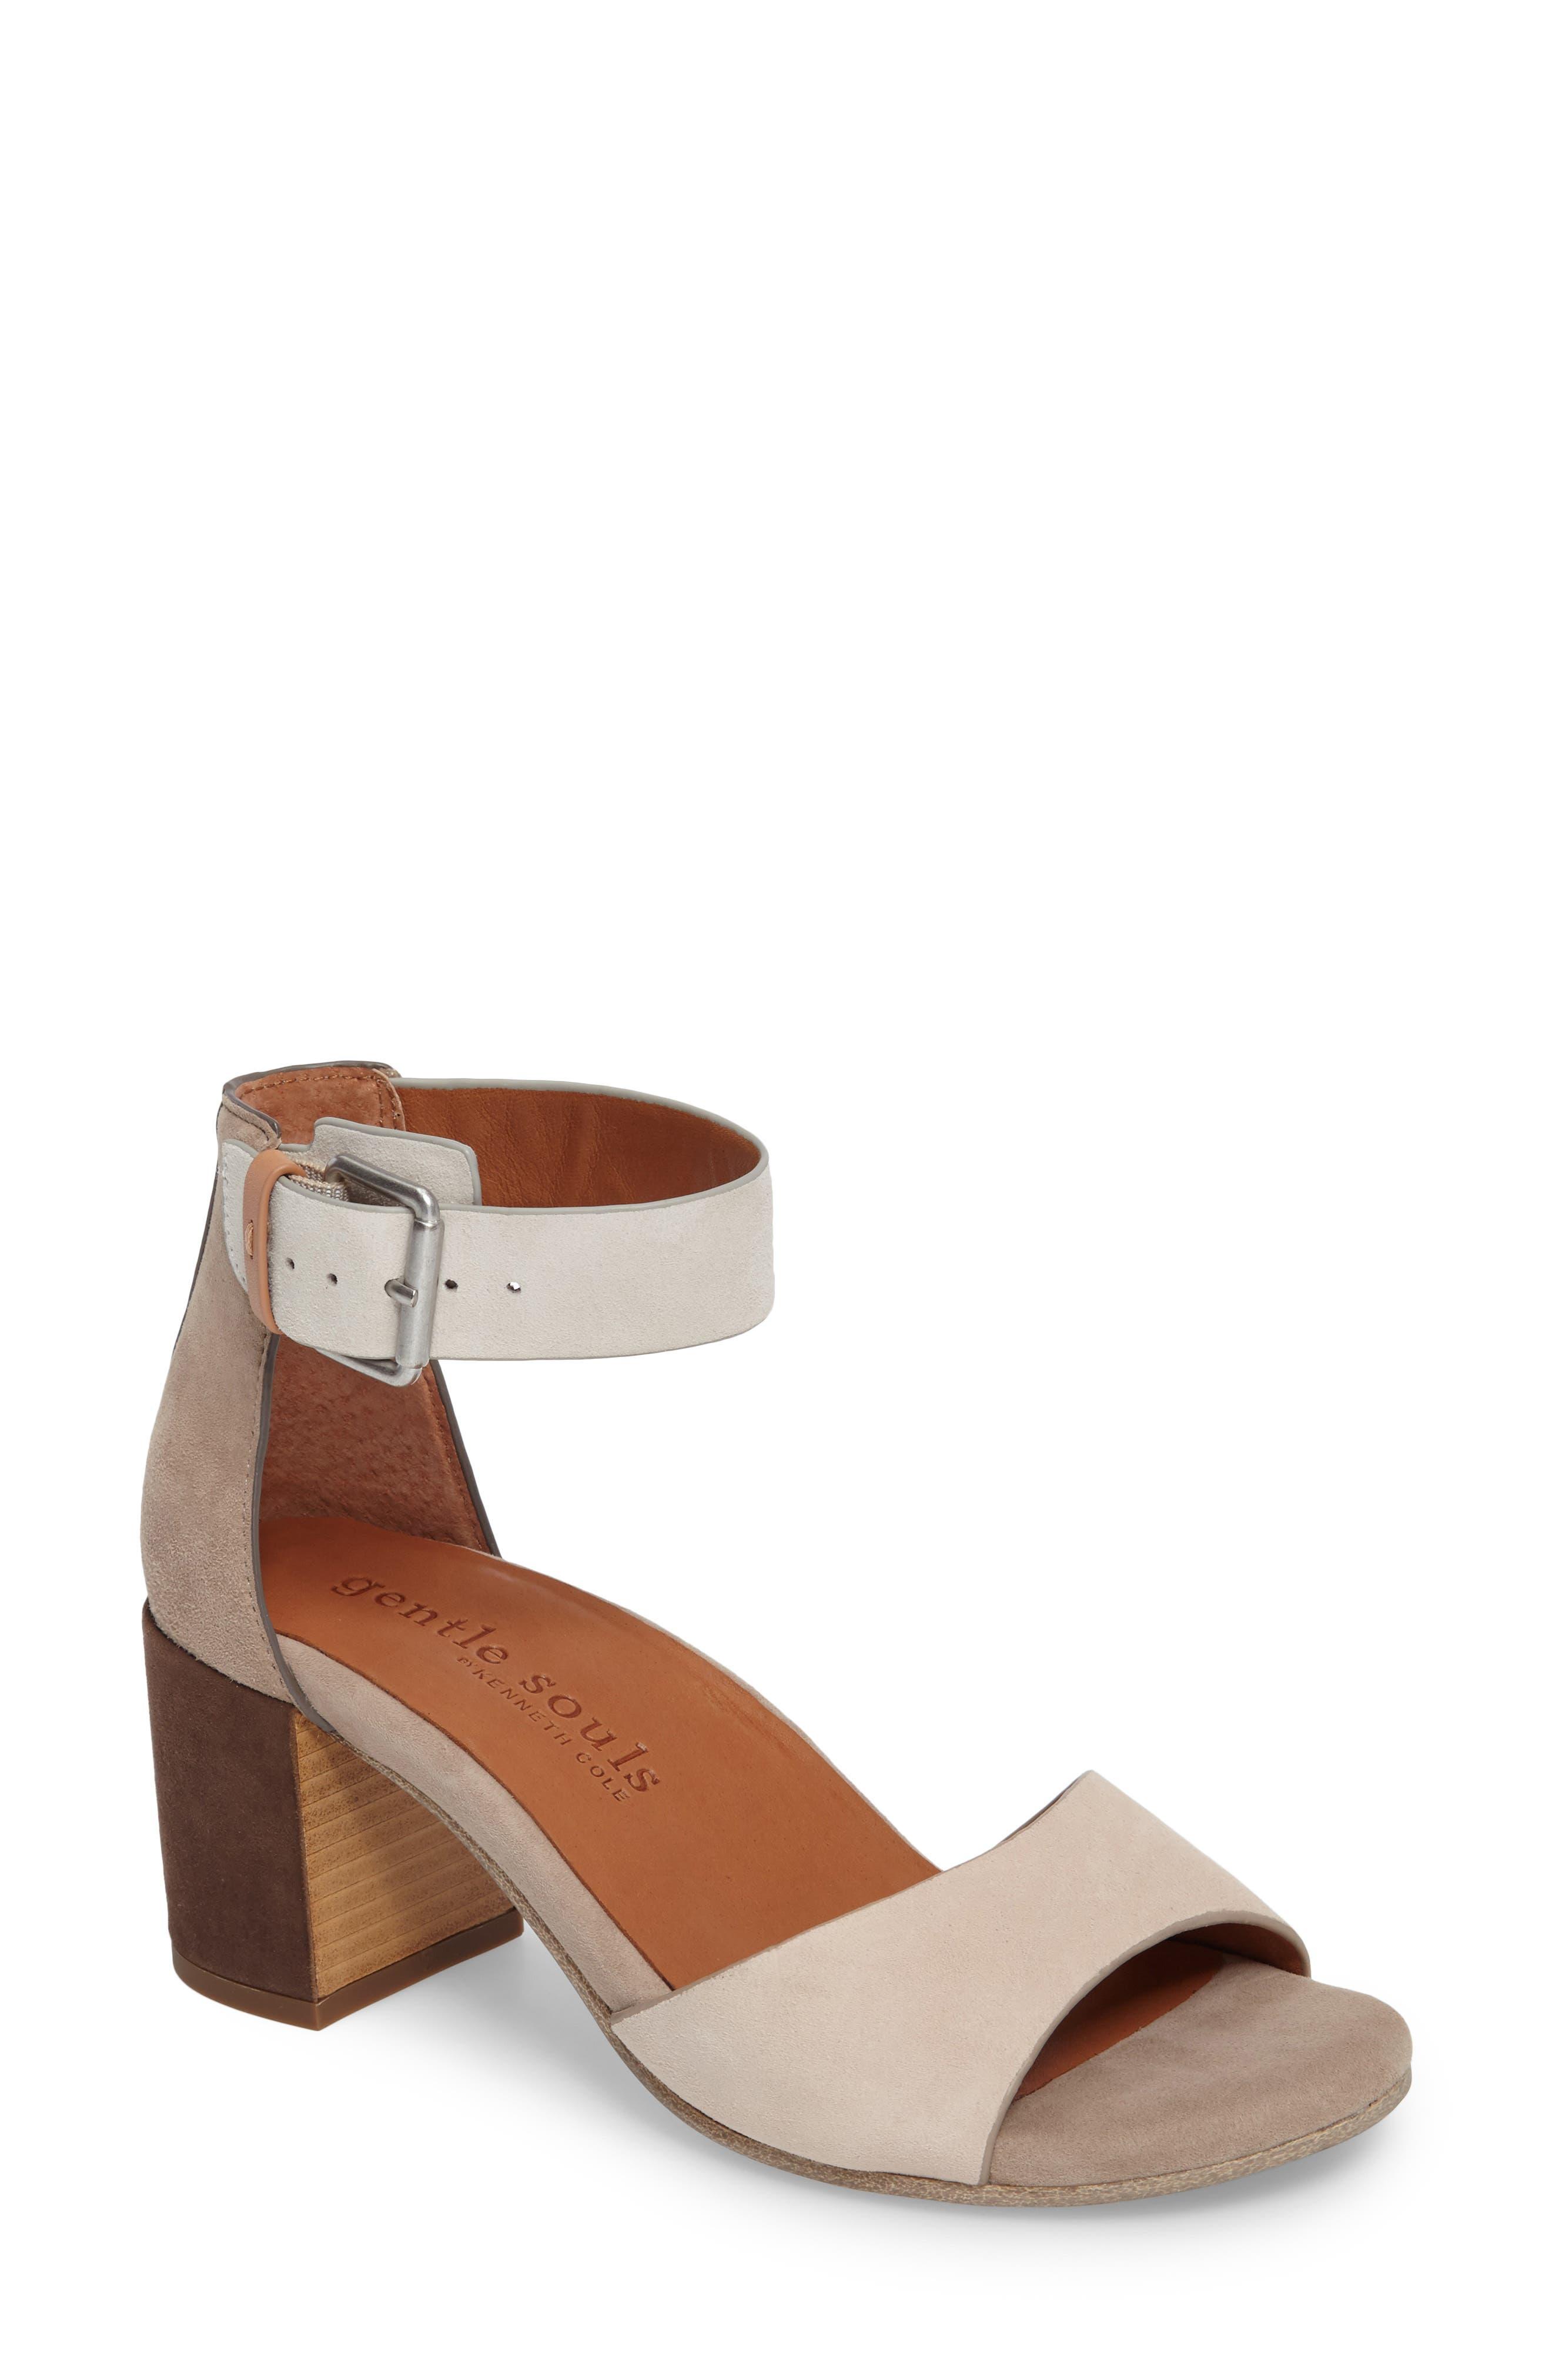 Main Image - Gentle Souls Christa Block Heel Sandal (Women)